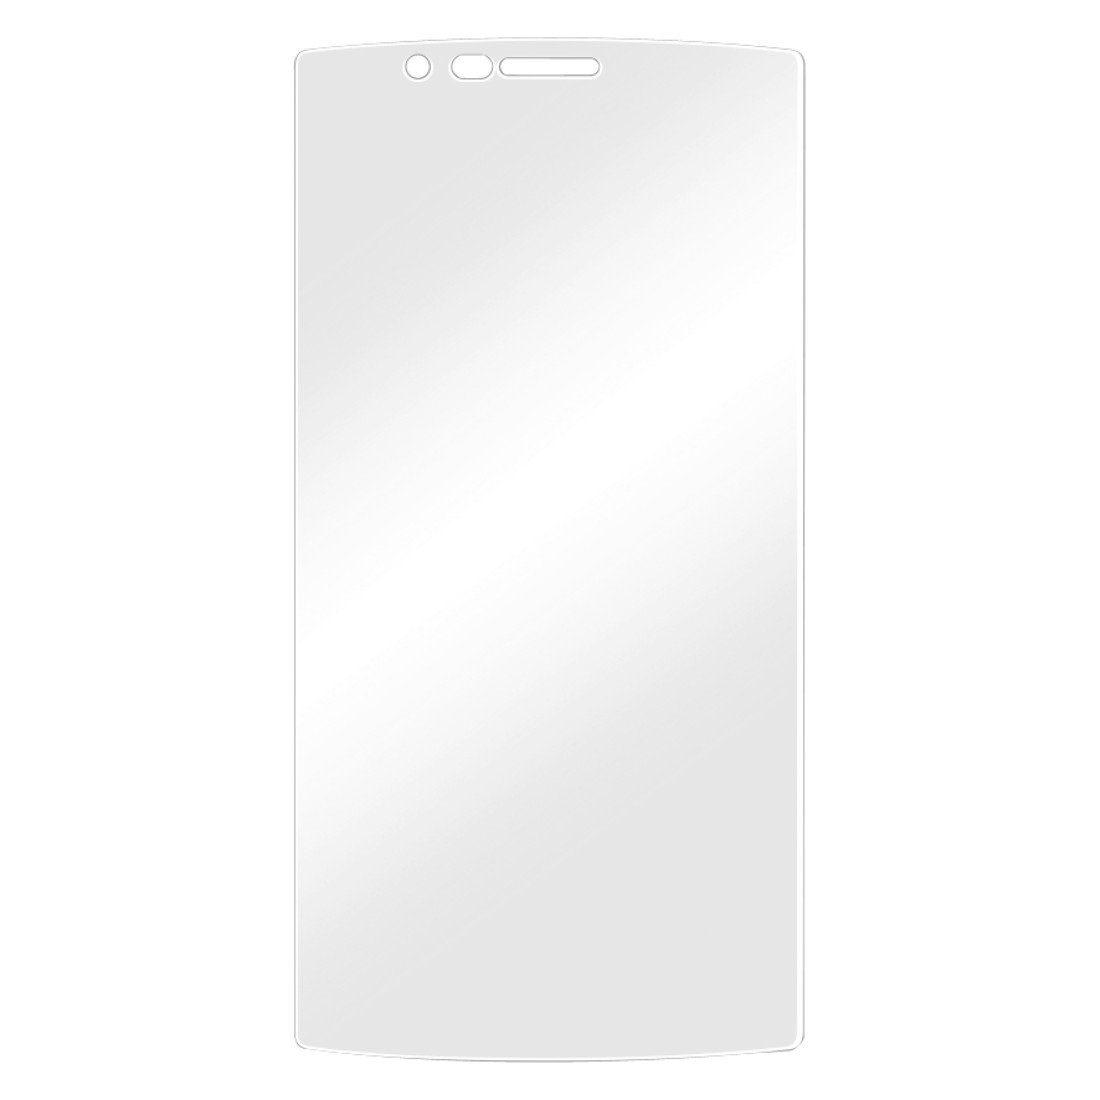 Hama Display-Schutzfolie Crystal Clear für LG K4, 2 Stück